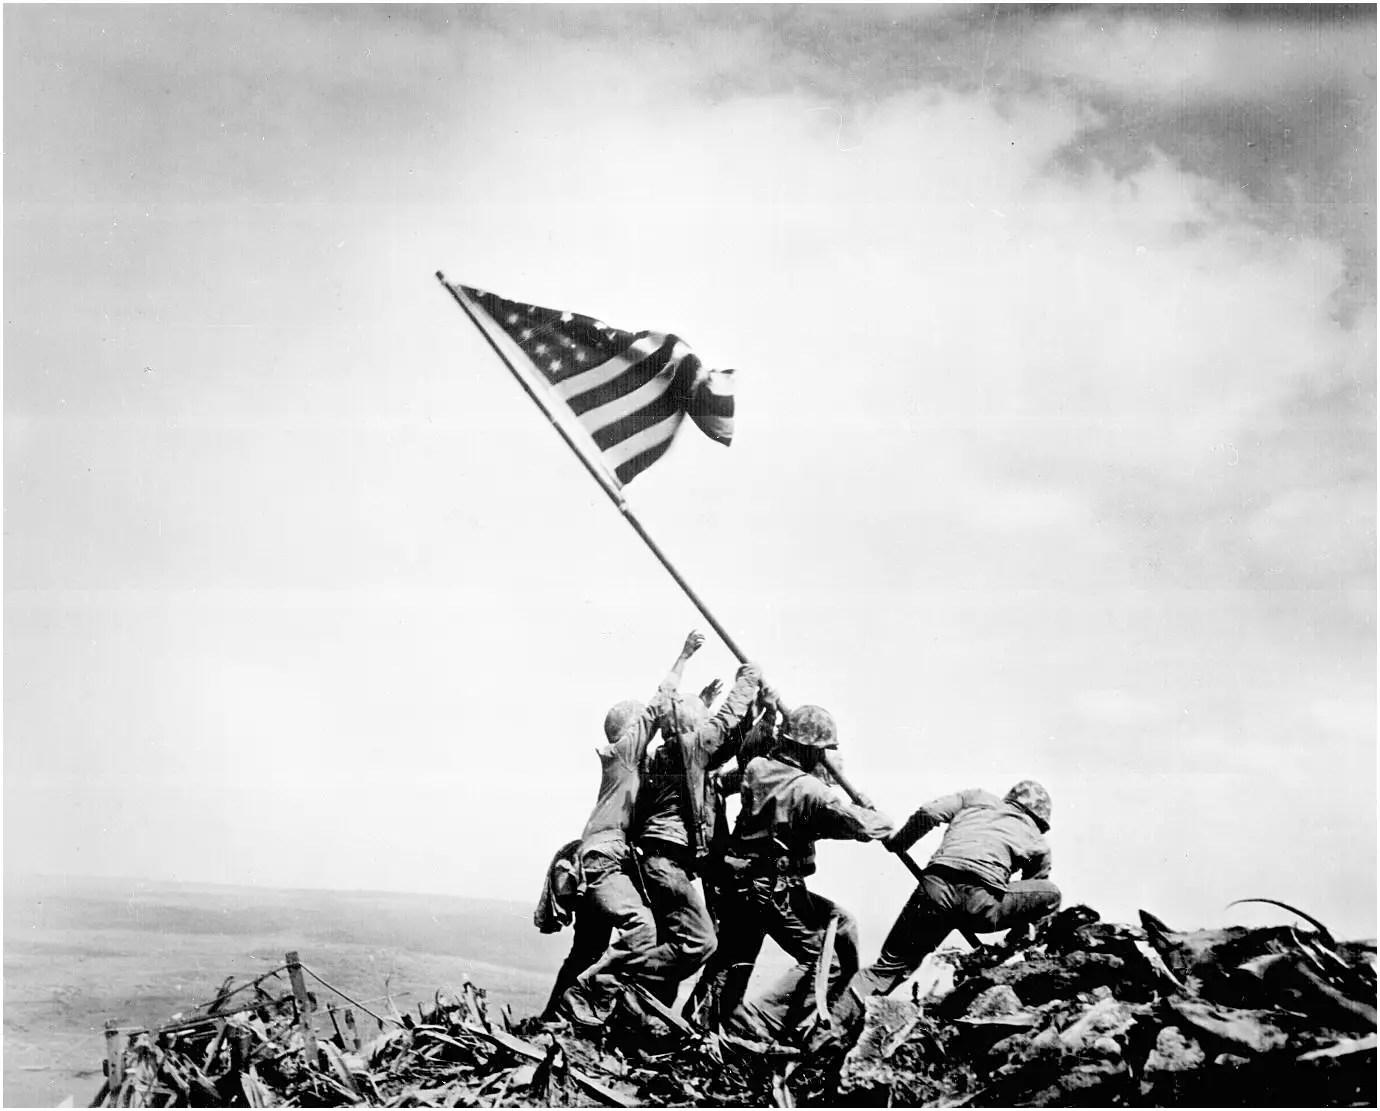 Joe Rosenthal Iwo Jima